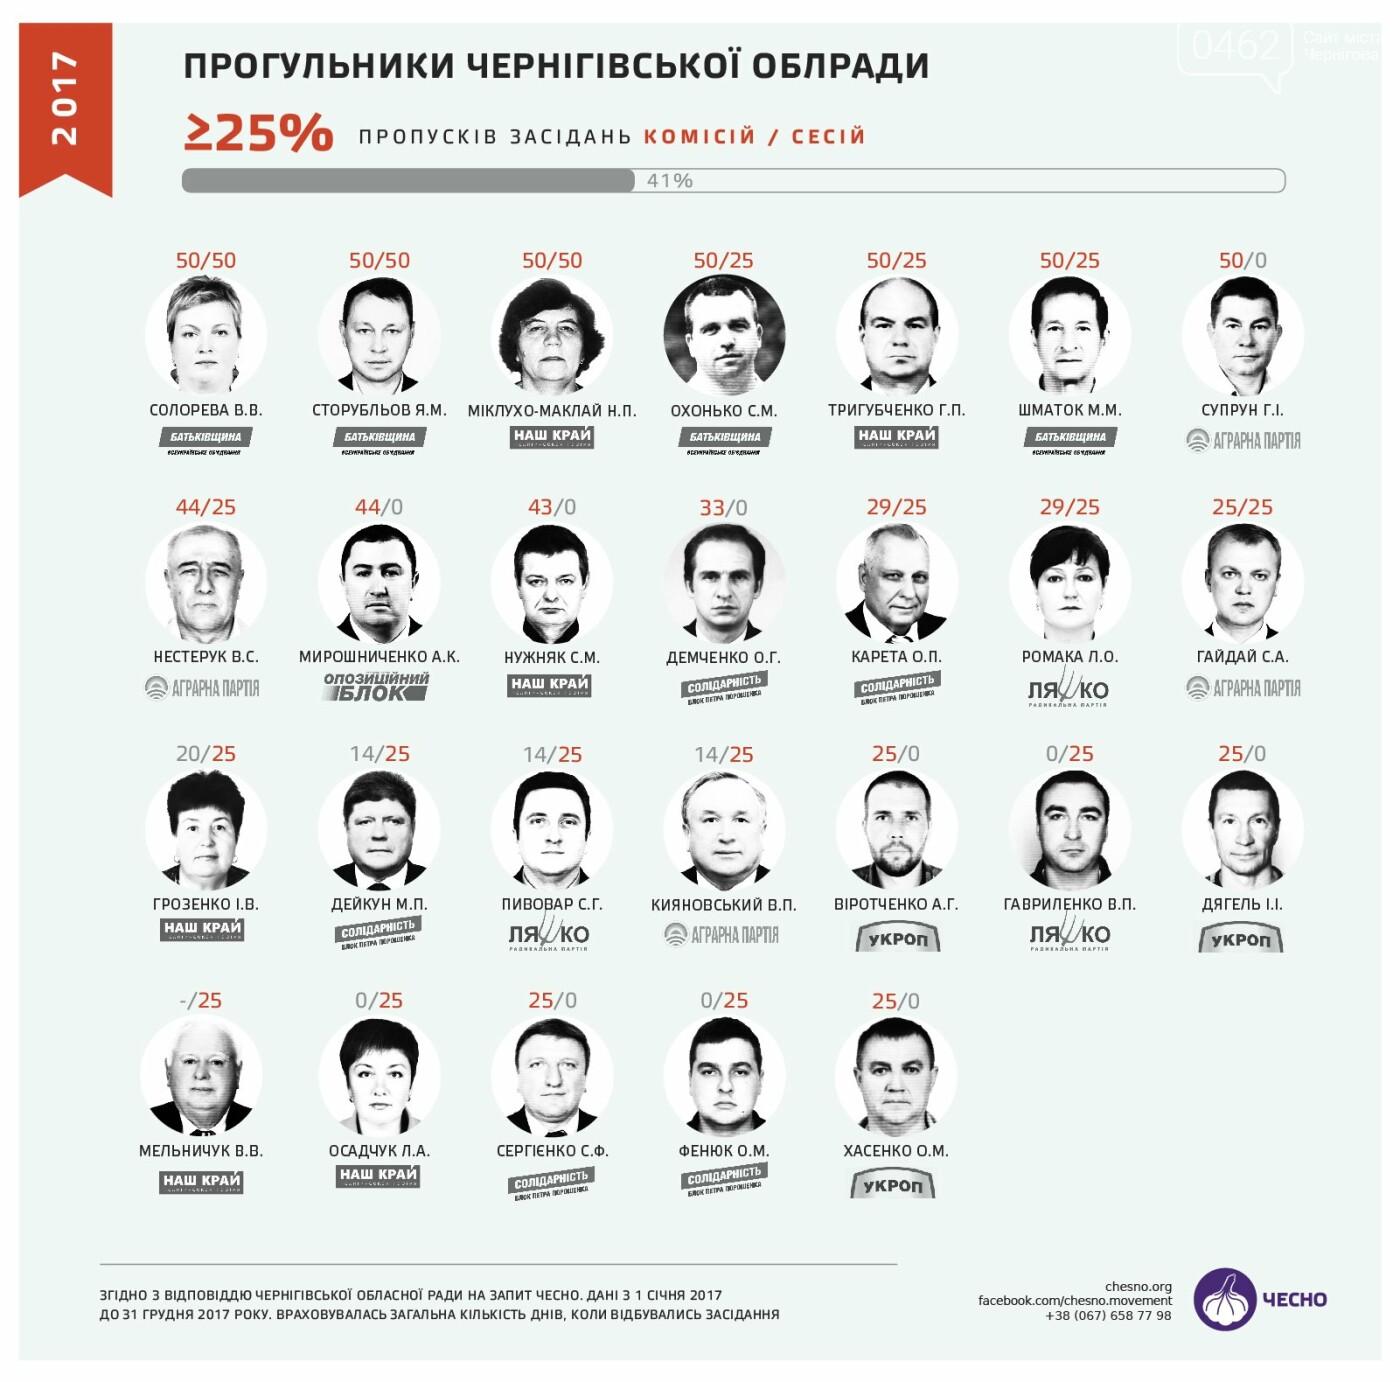 Кто из черниговских депутатов прогуливает больше всех?, фото-3